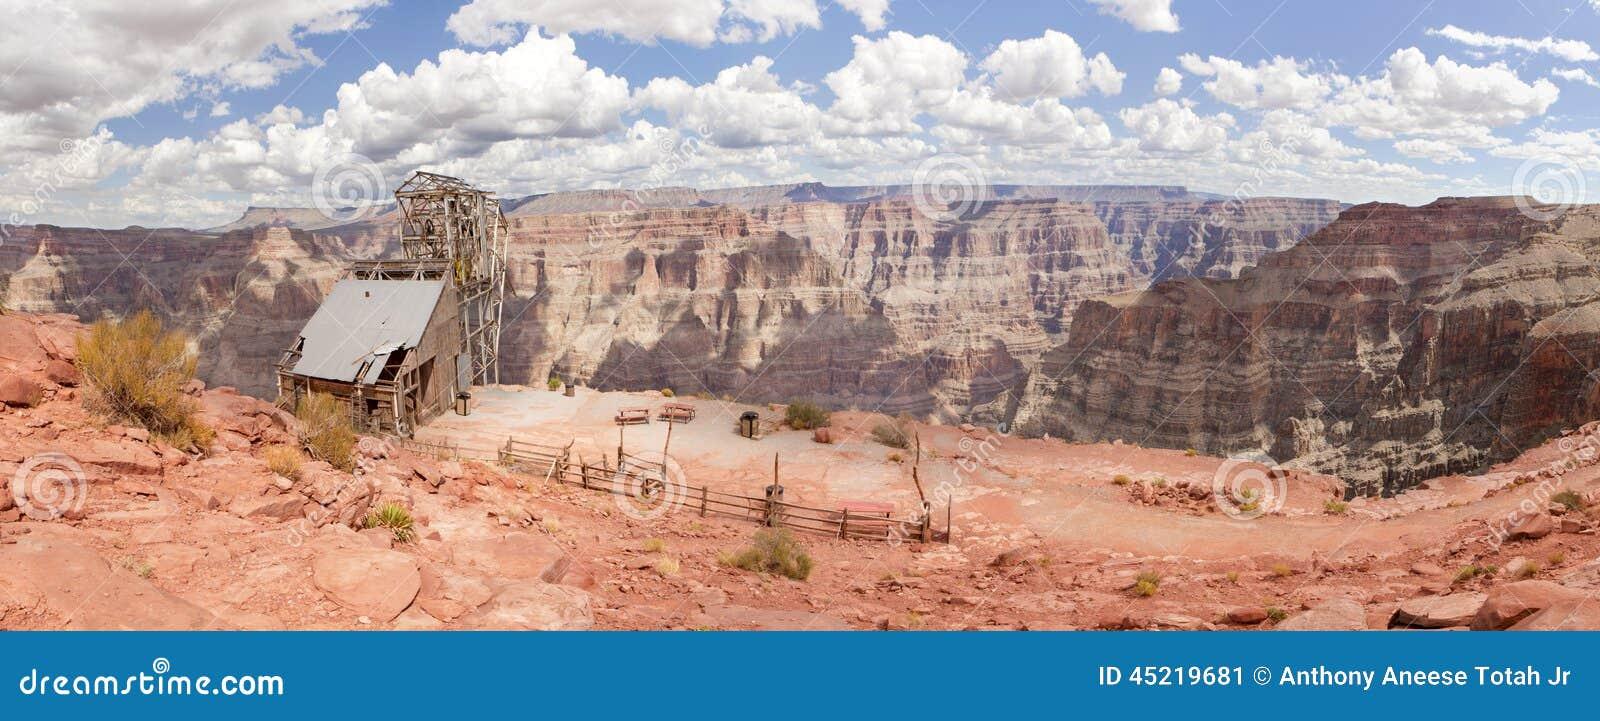 Guanopunkt - Grand Canyon (den västra kanten)